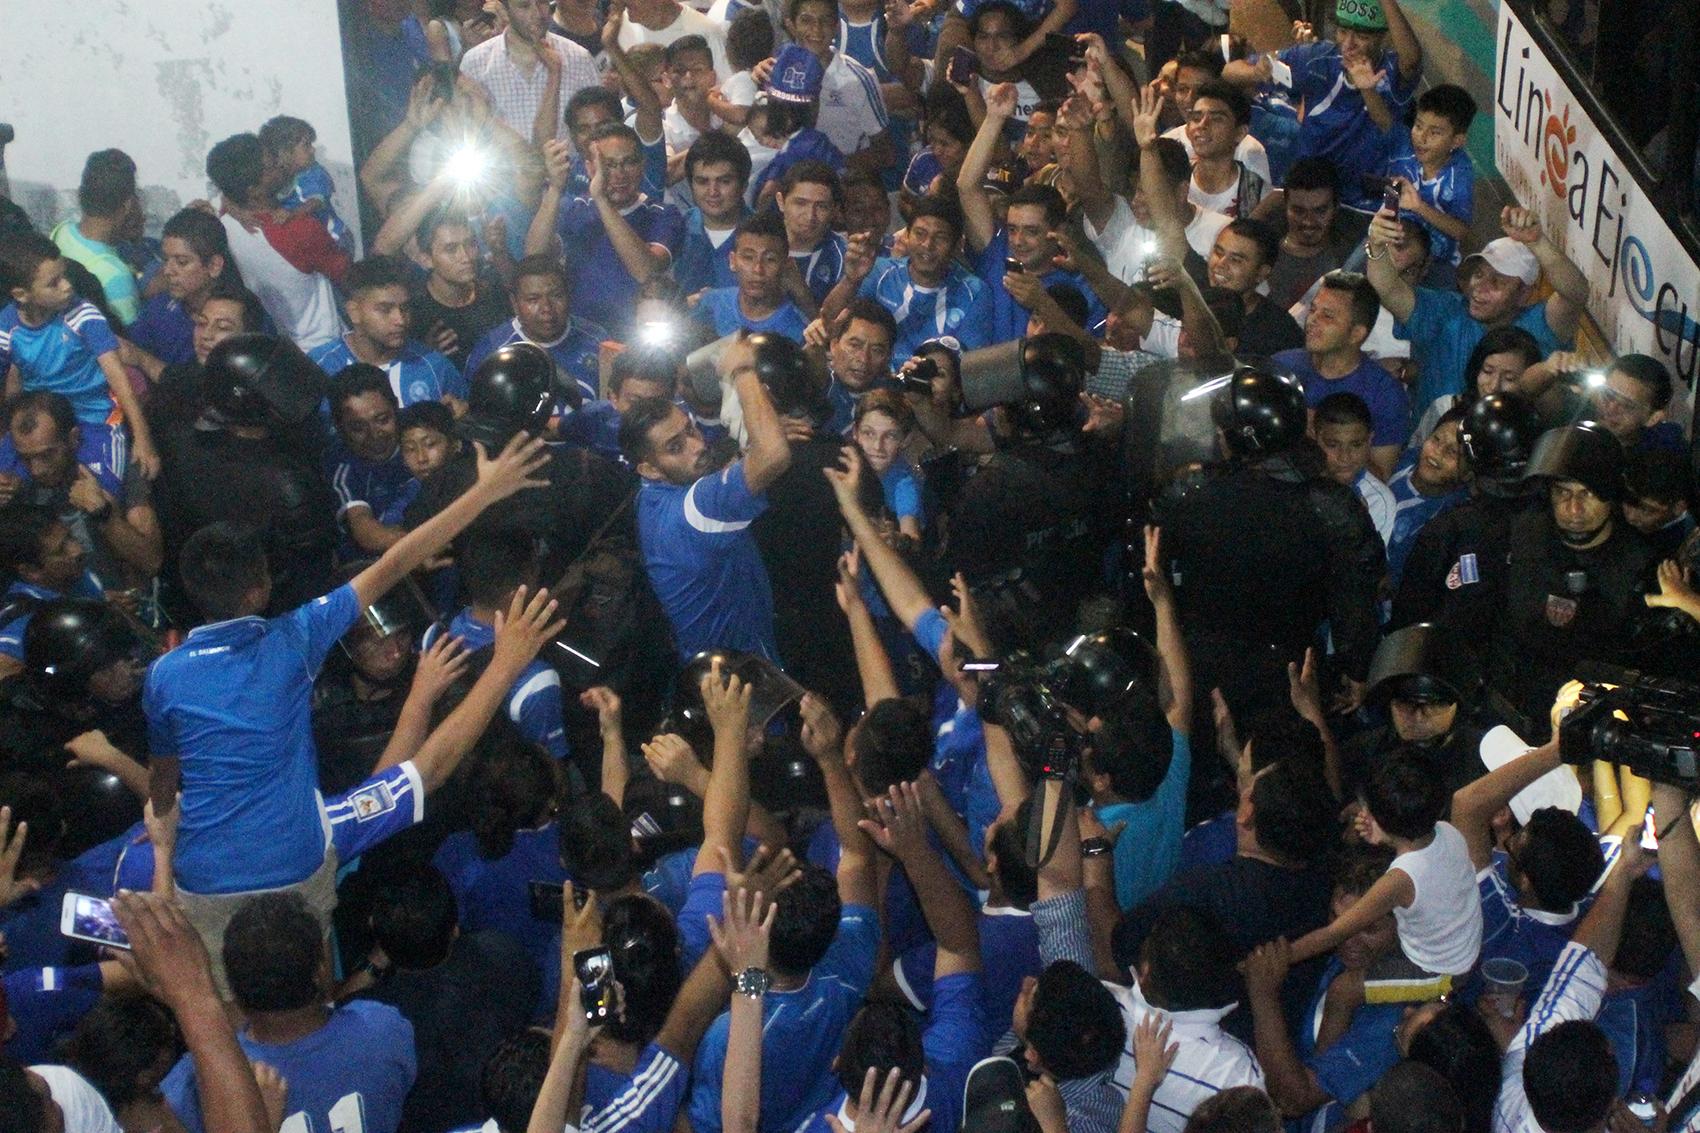 Aficionados salvadoreños felicitan a jugadores de su selección después del triunfo 4-1 sobre San Cristóbal y Nieves. Foto de Frederick Meza.